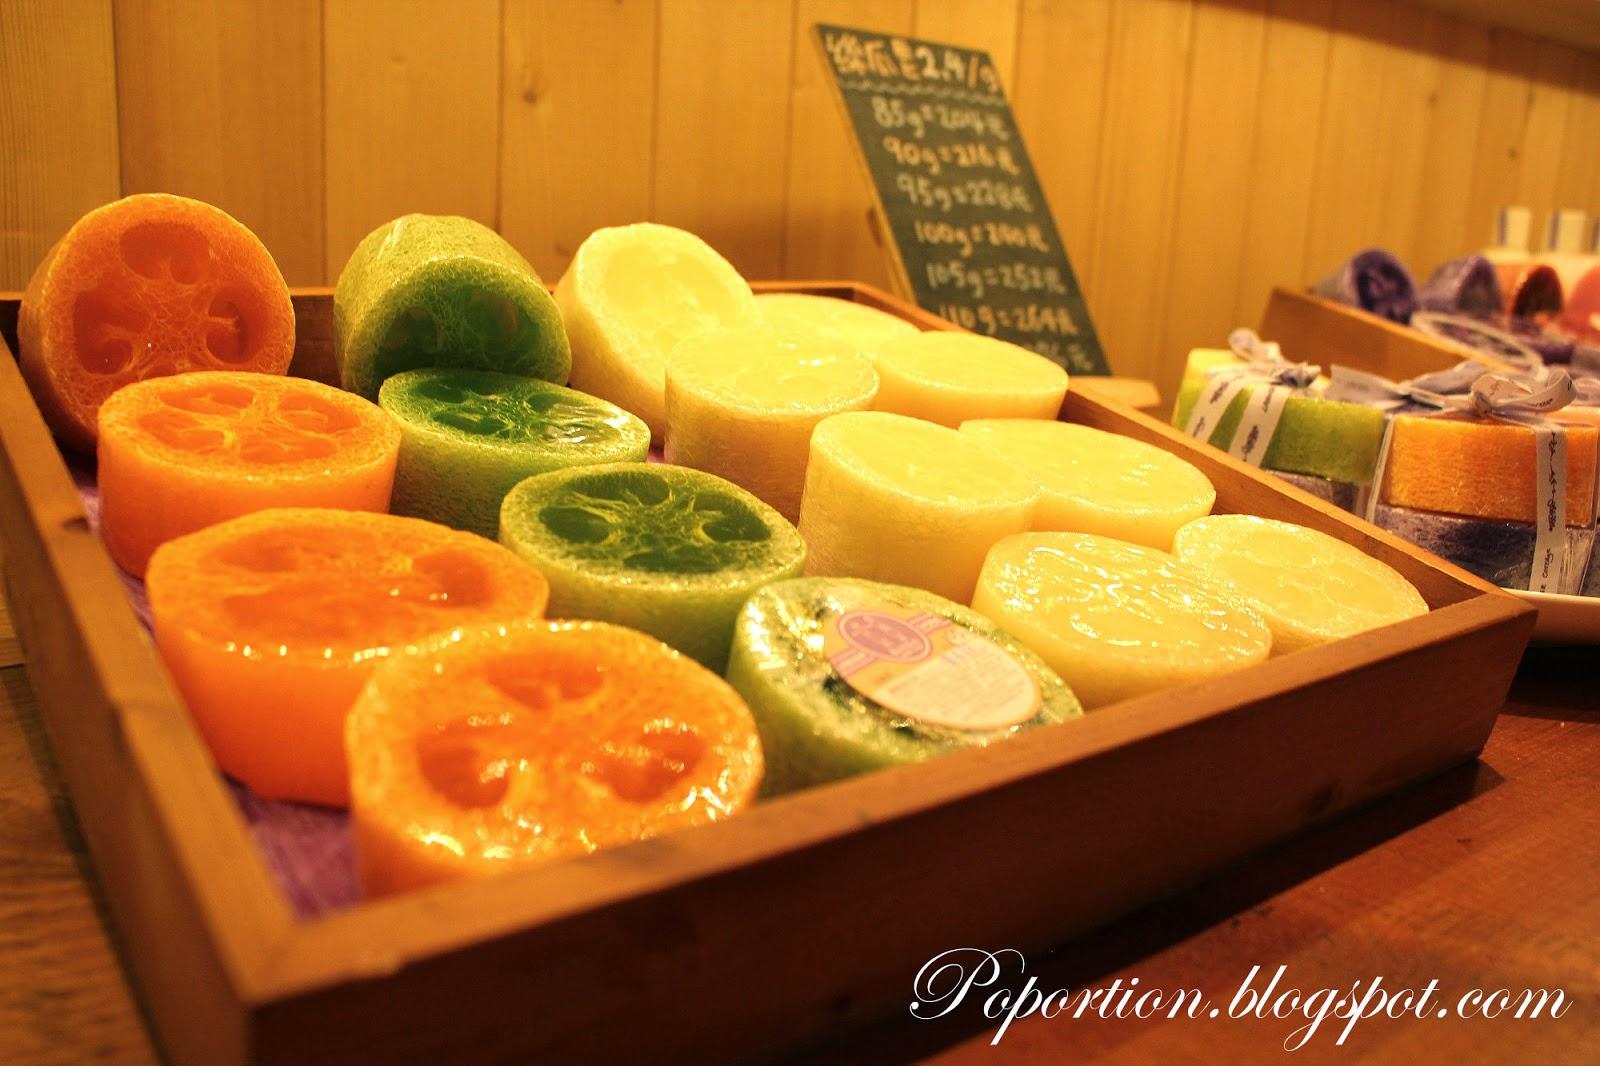 handmade soaps souvenirs